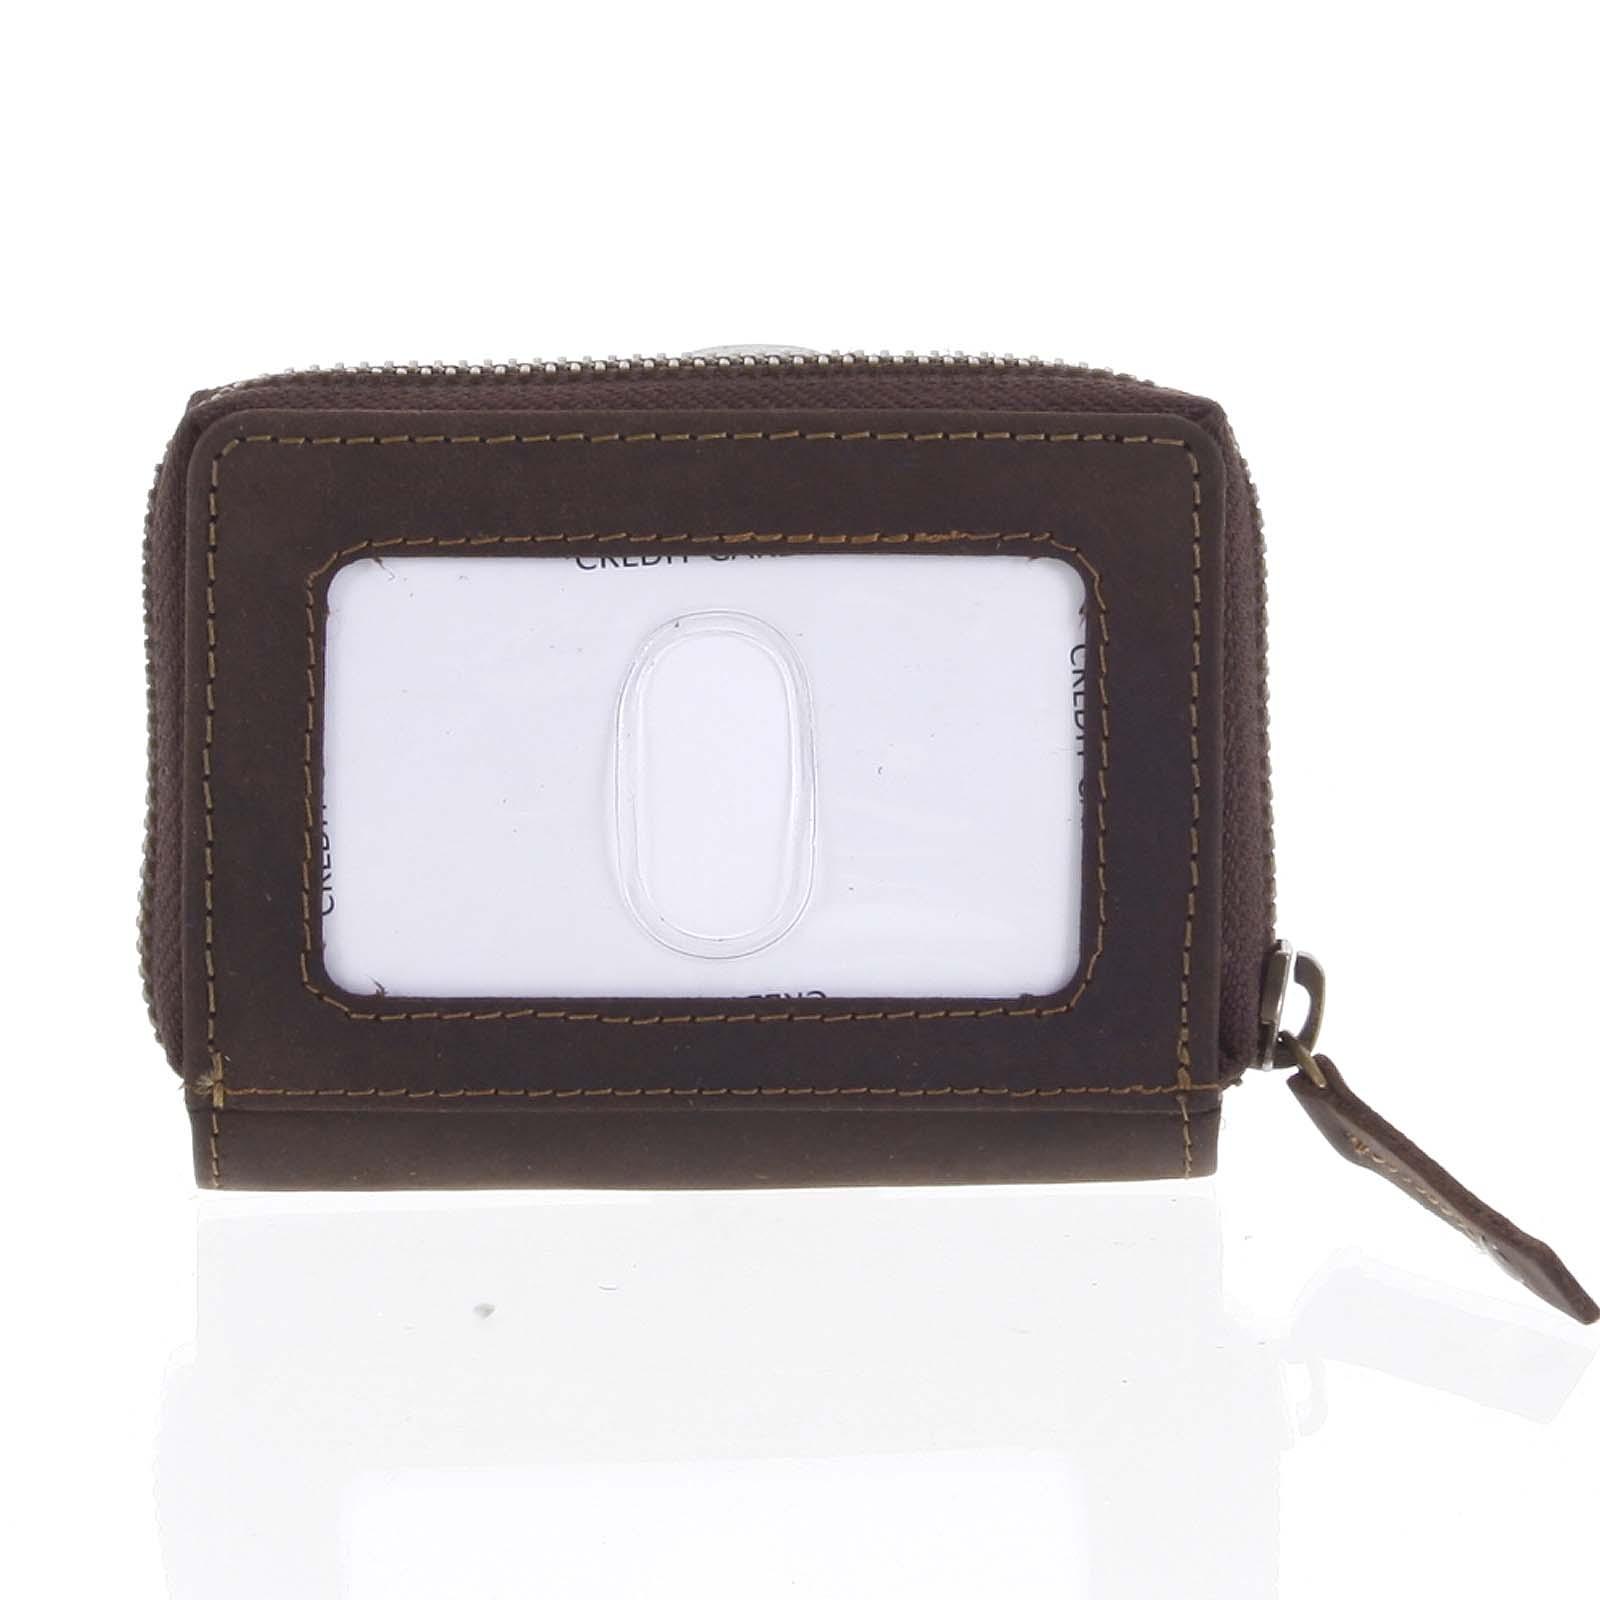 Kožená peněženka tmavě hnědá broušená - Tomas Omcane